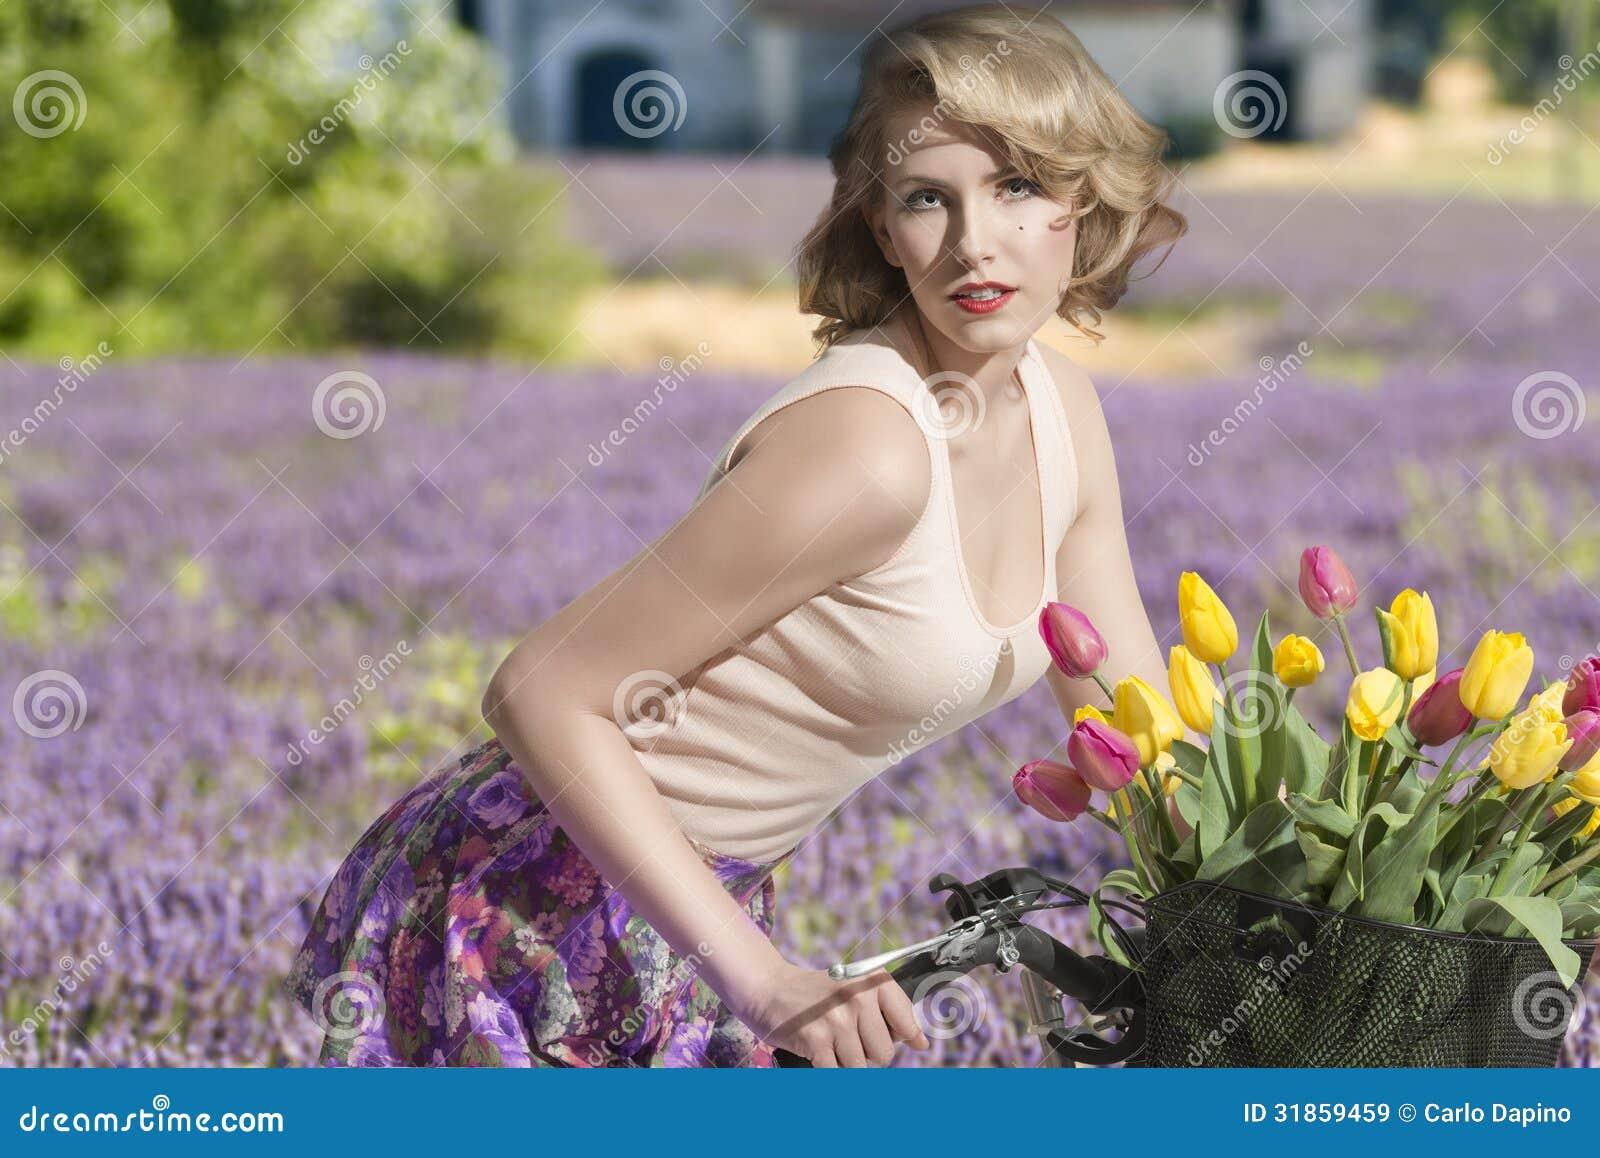 Садовник и блондинка 23 фотография